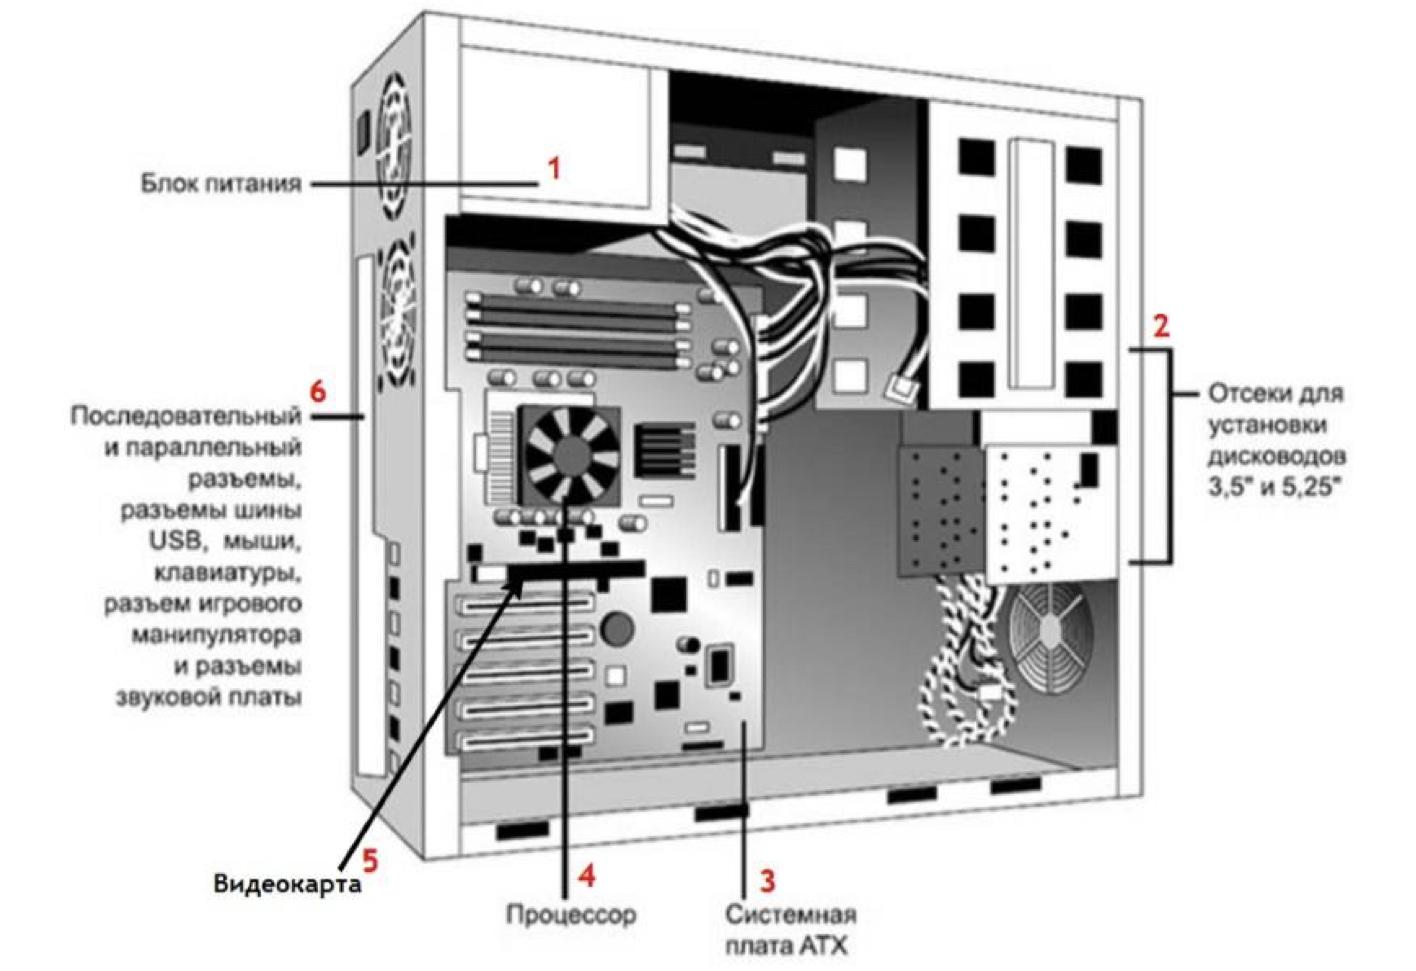 Схема системного блока компьютера в картинках